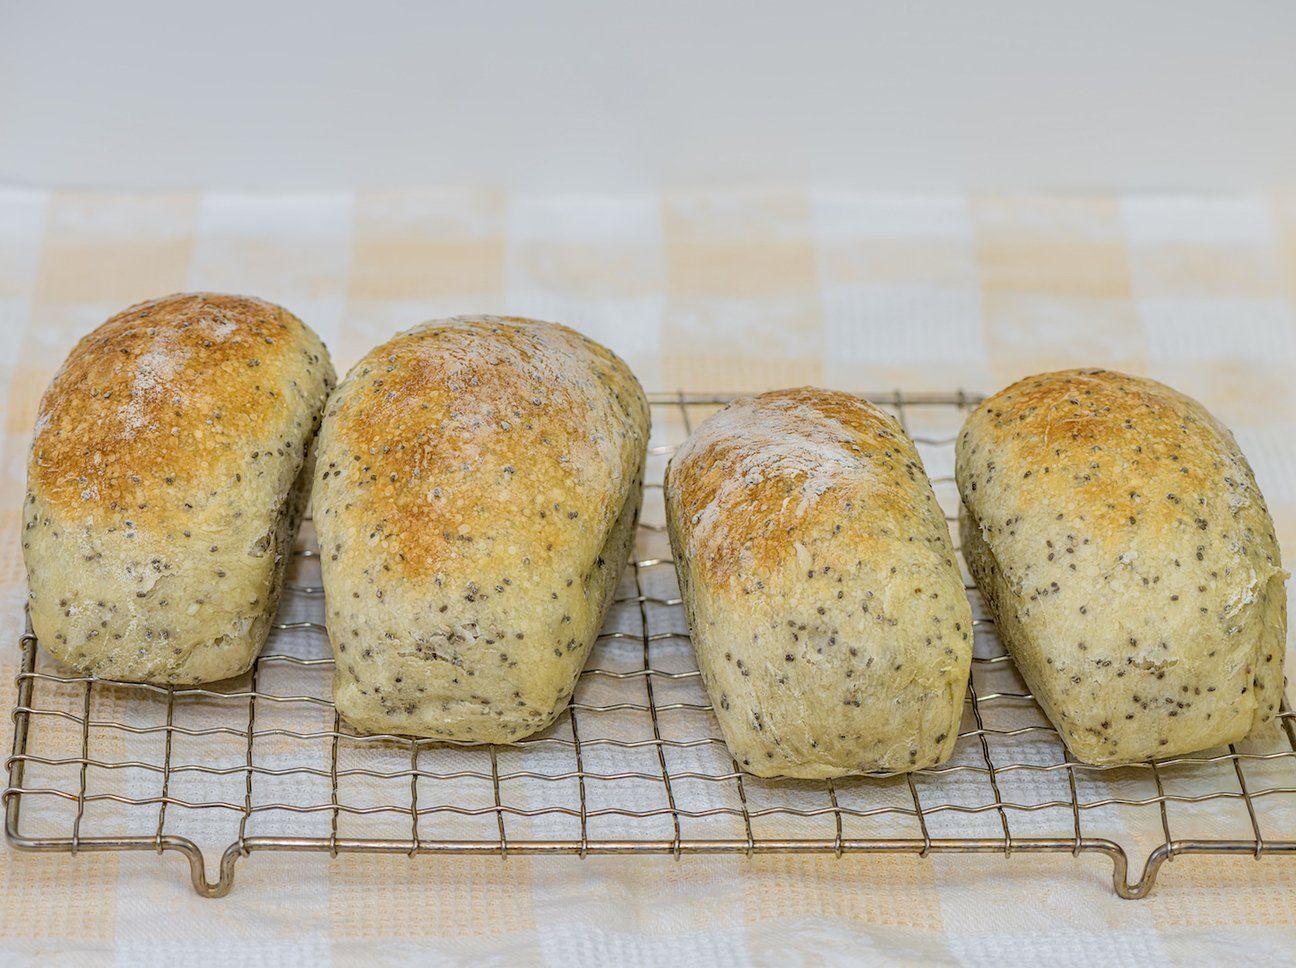 Brot trotz Diät? Mit diesem Rezept hilft es dir sogar beim Abnehmen